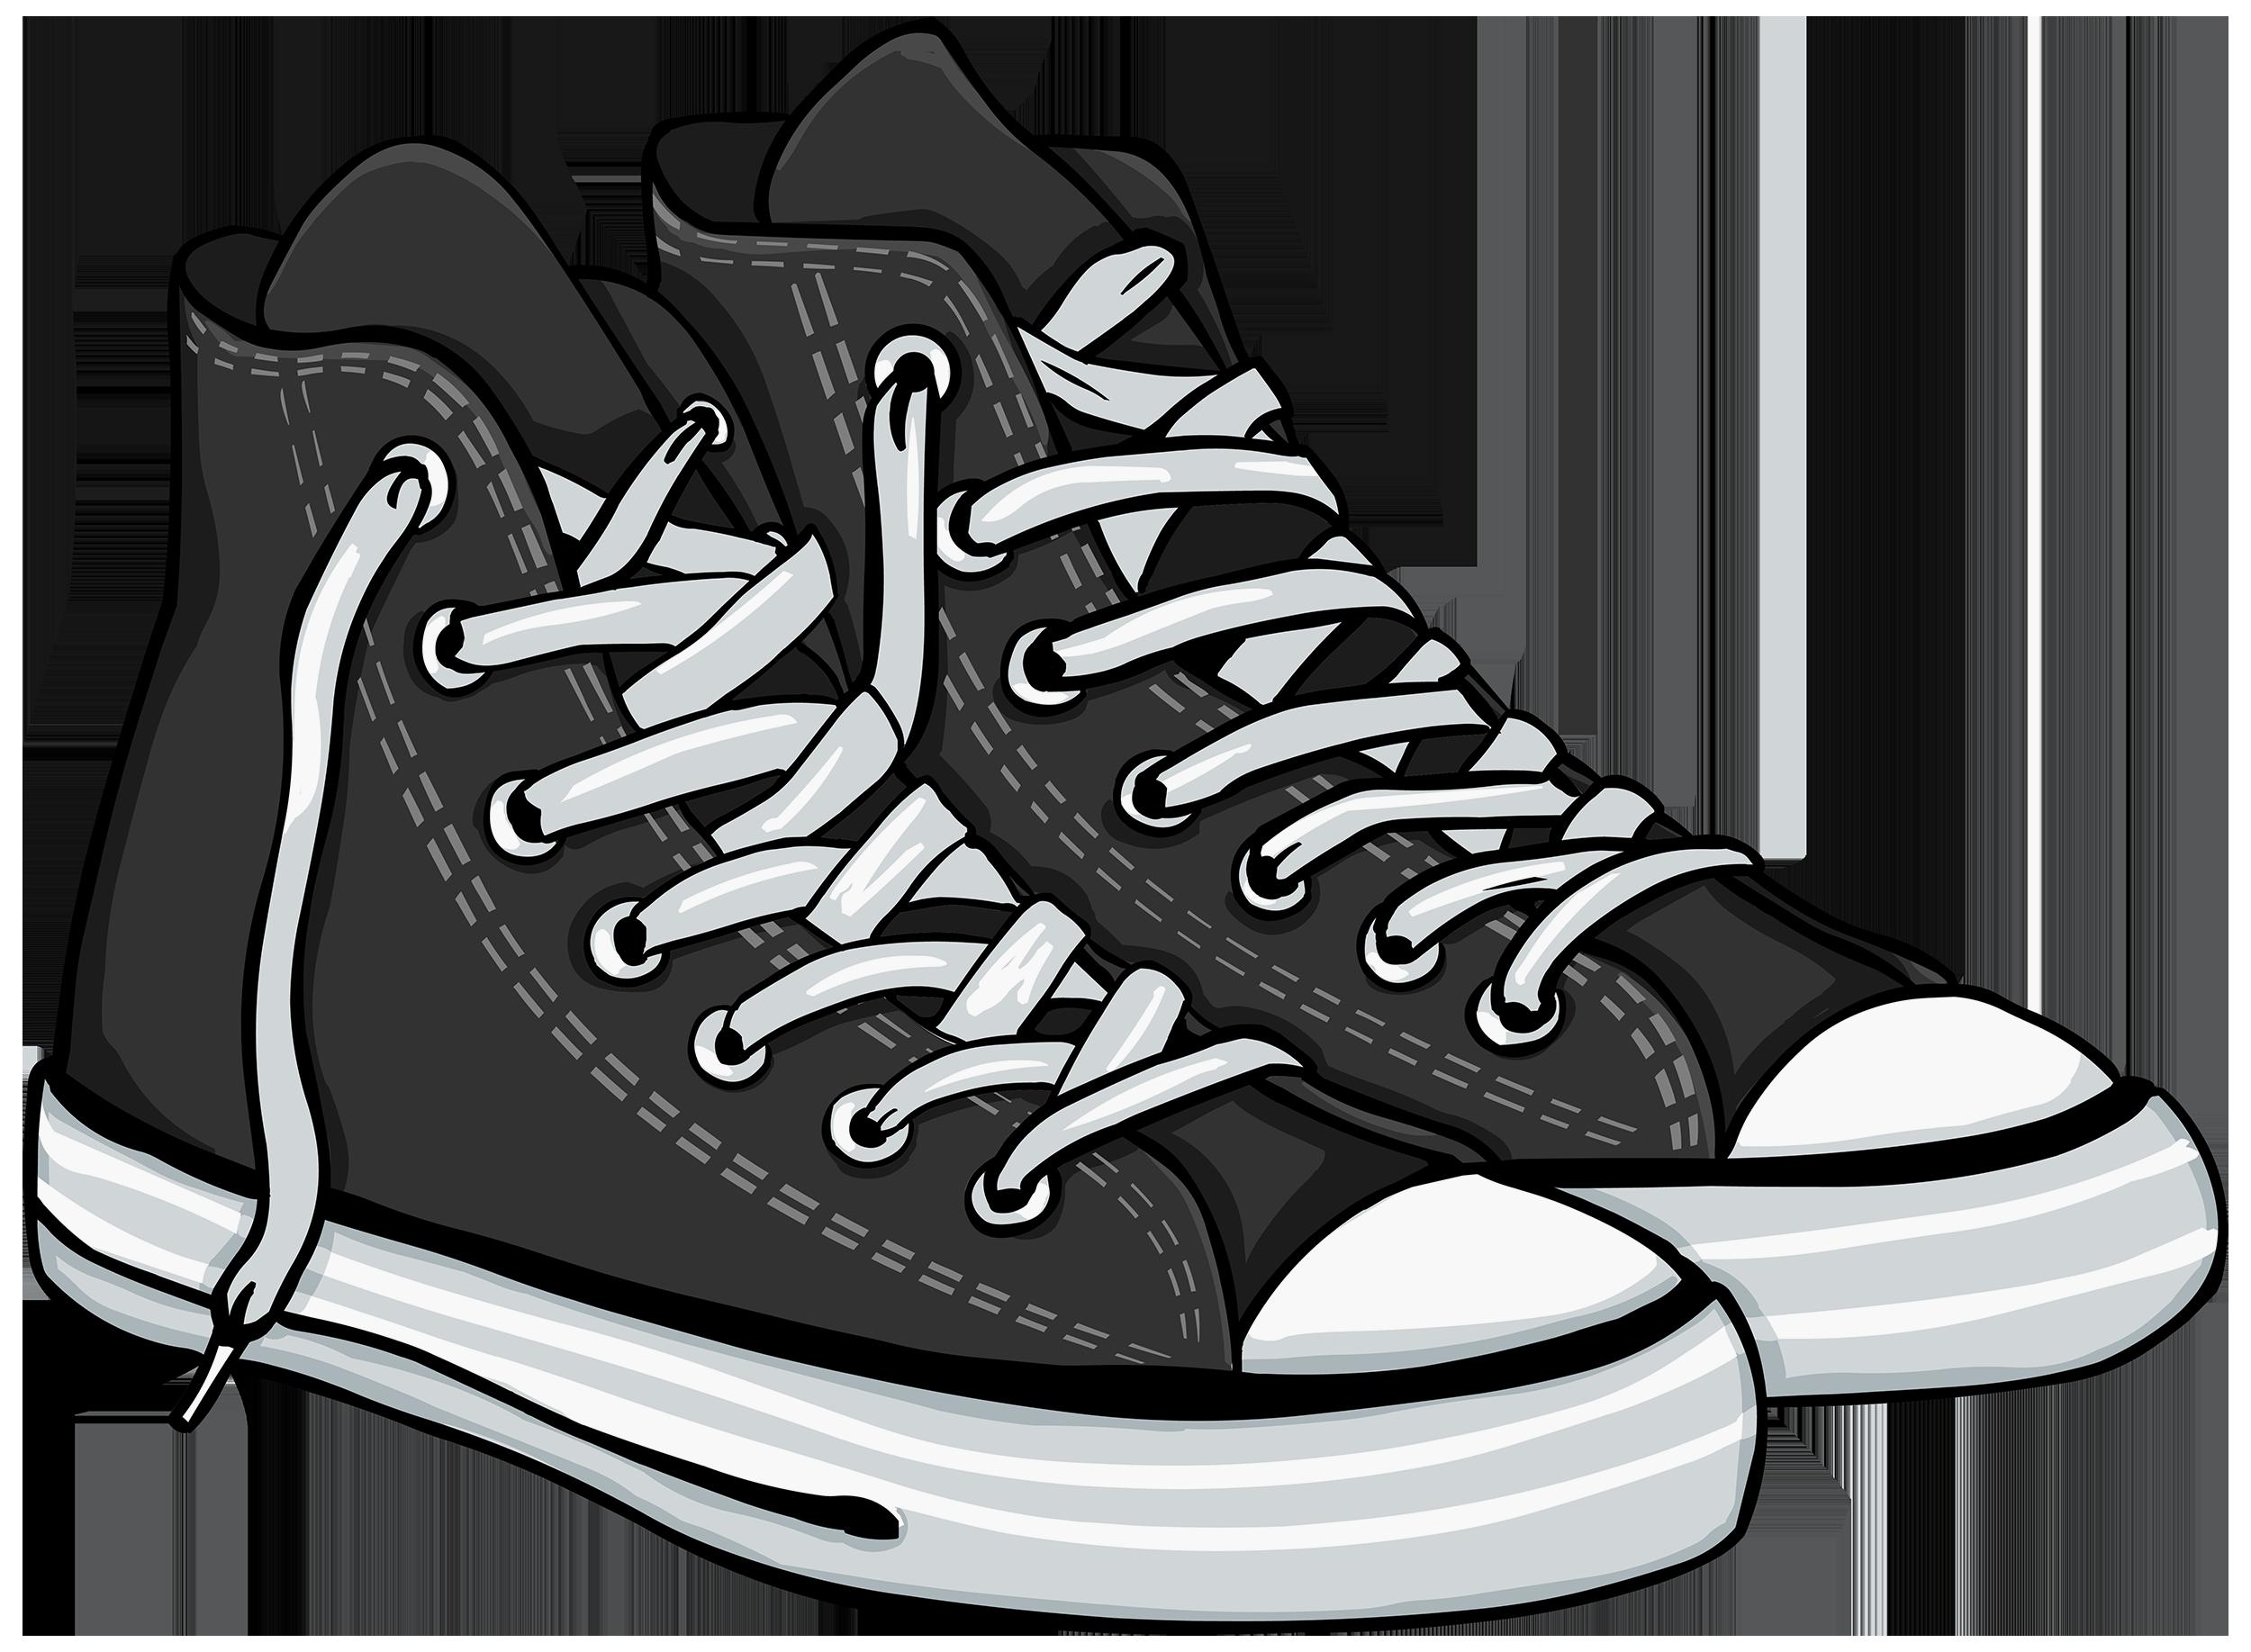 Shoe Sneakers Clip art.